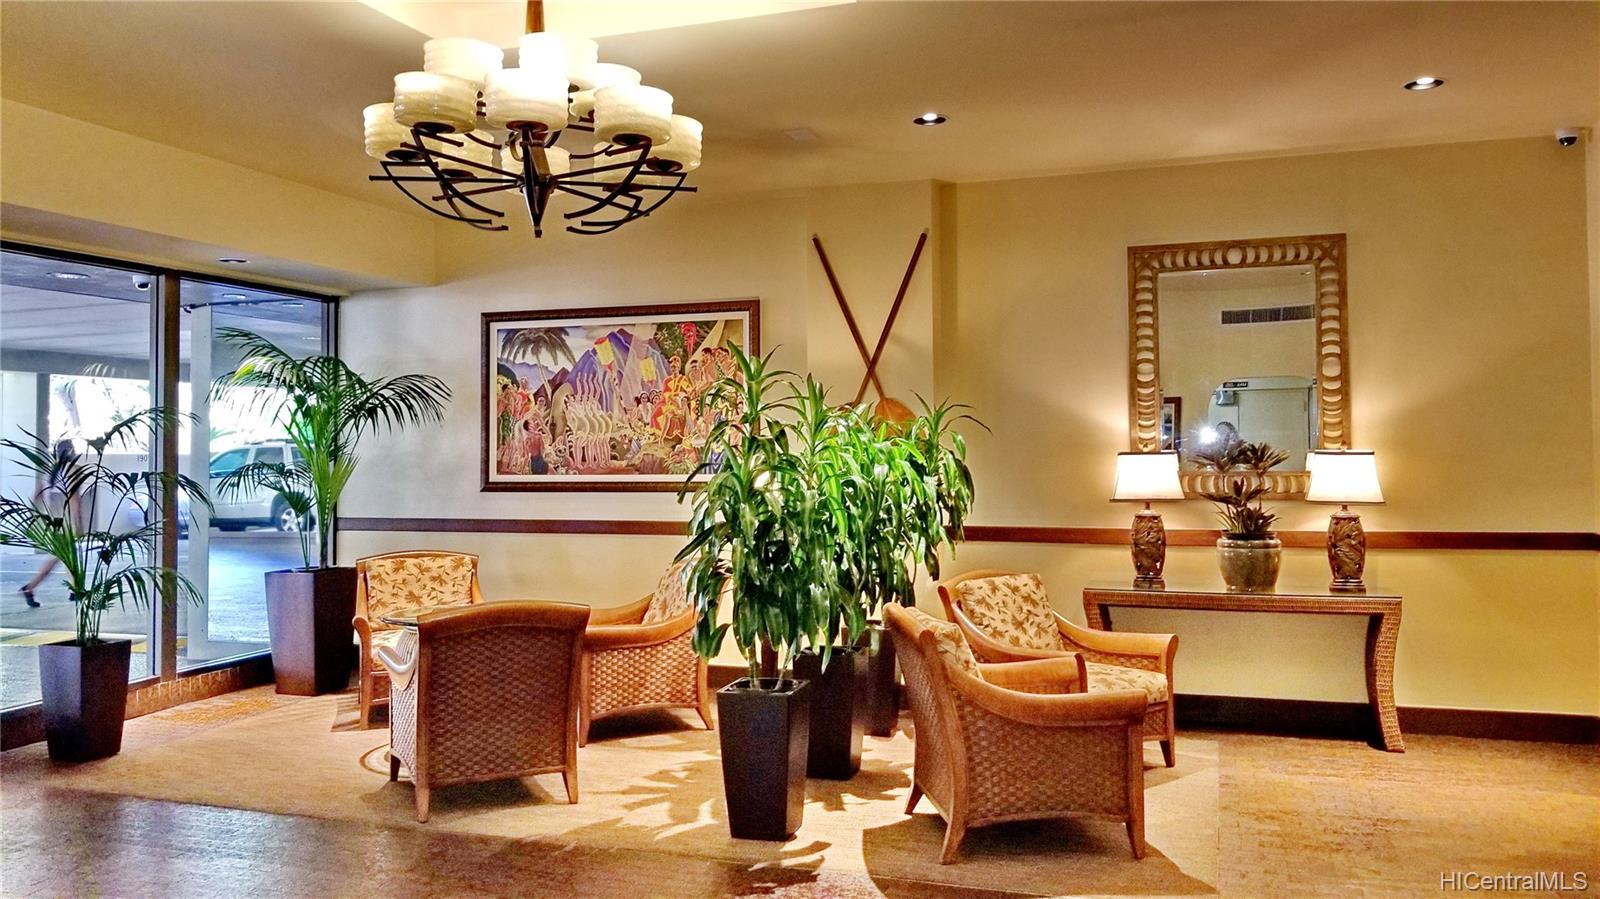 2140 Kuhio Ave Honolulu - Rental - photo 22 of 23